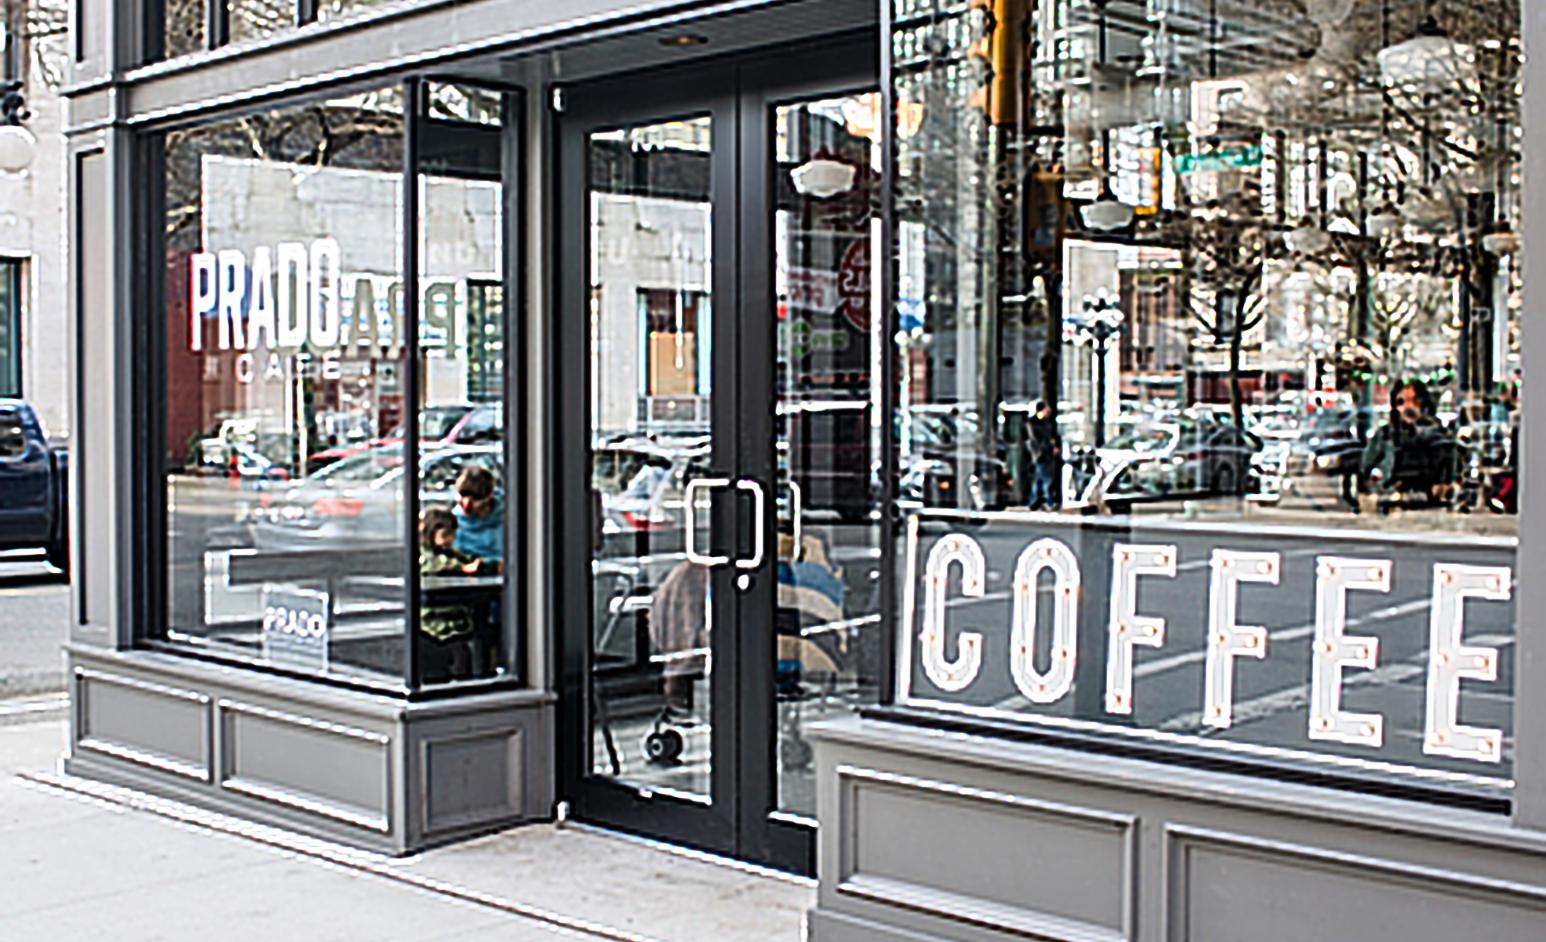 Prado Cofee shop | Front view - M8TRIX5.com Development